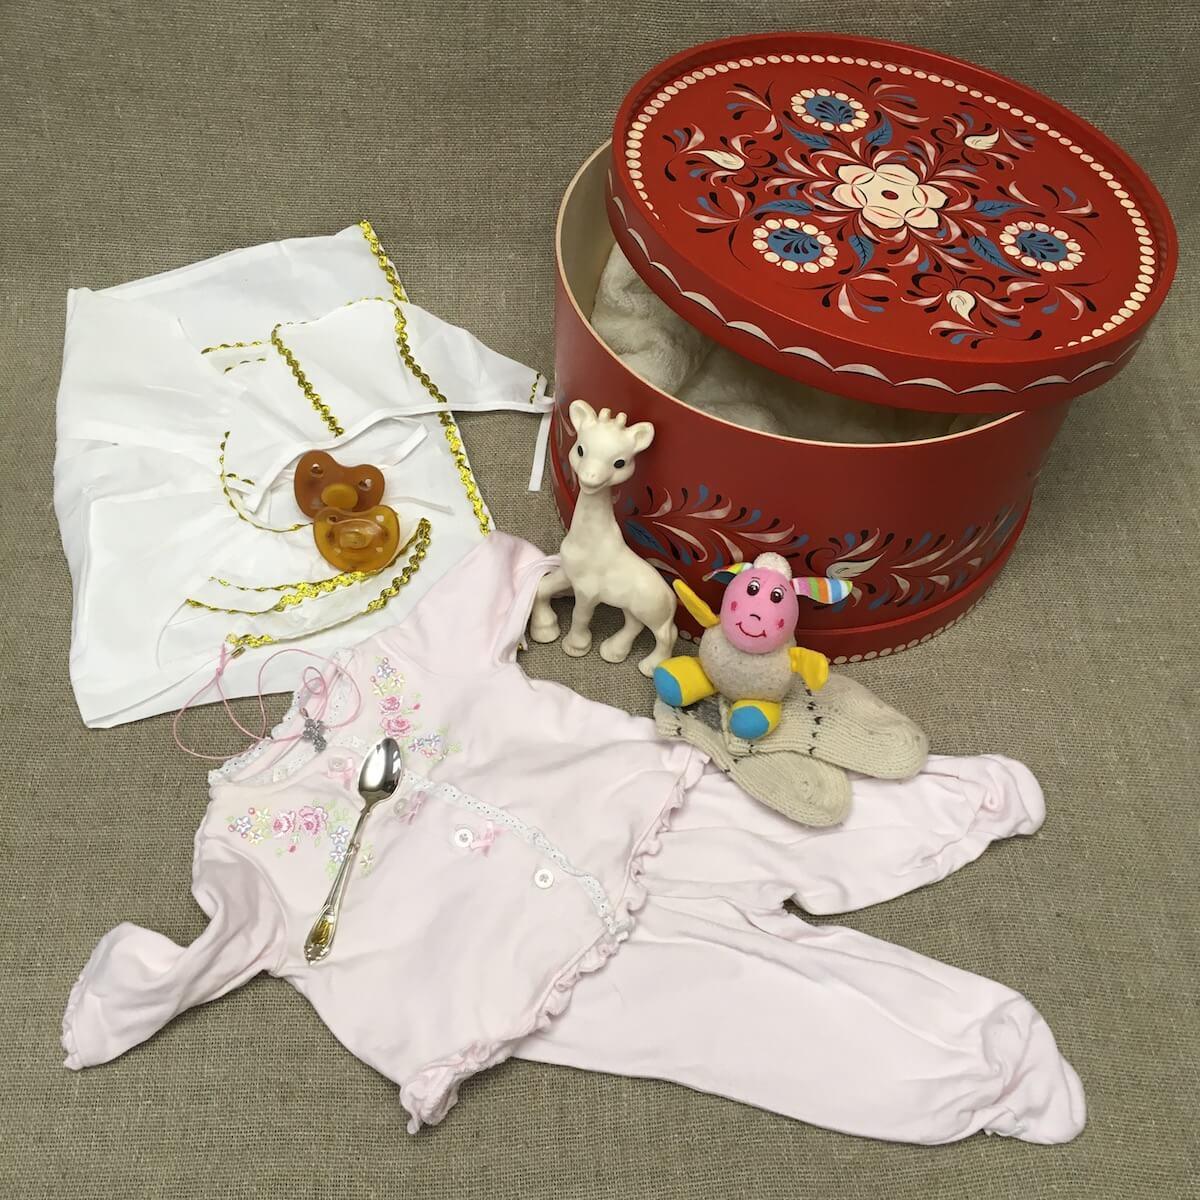 первые вещи ребенка в красном коробе, первая пустышка, первая игрушка, первый детский костюмчик